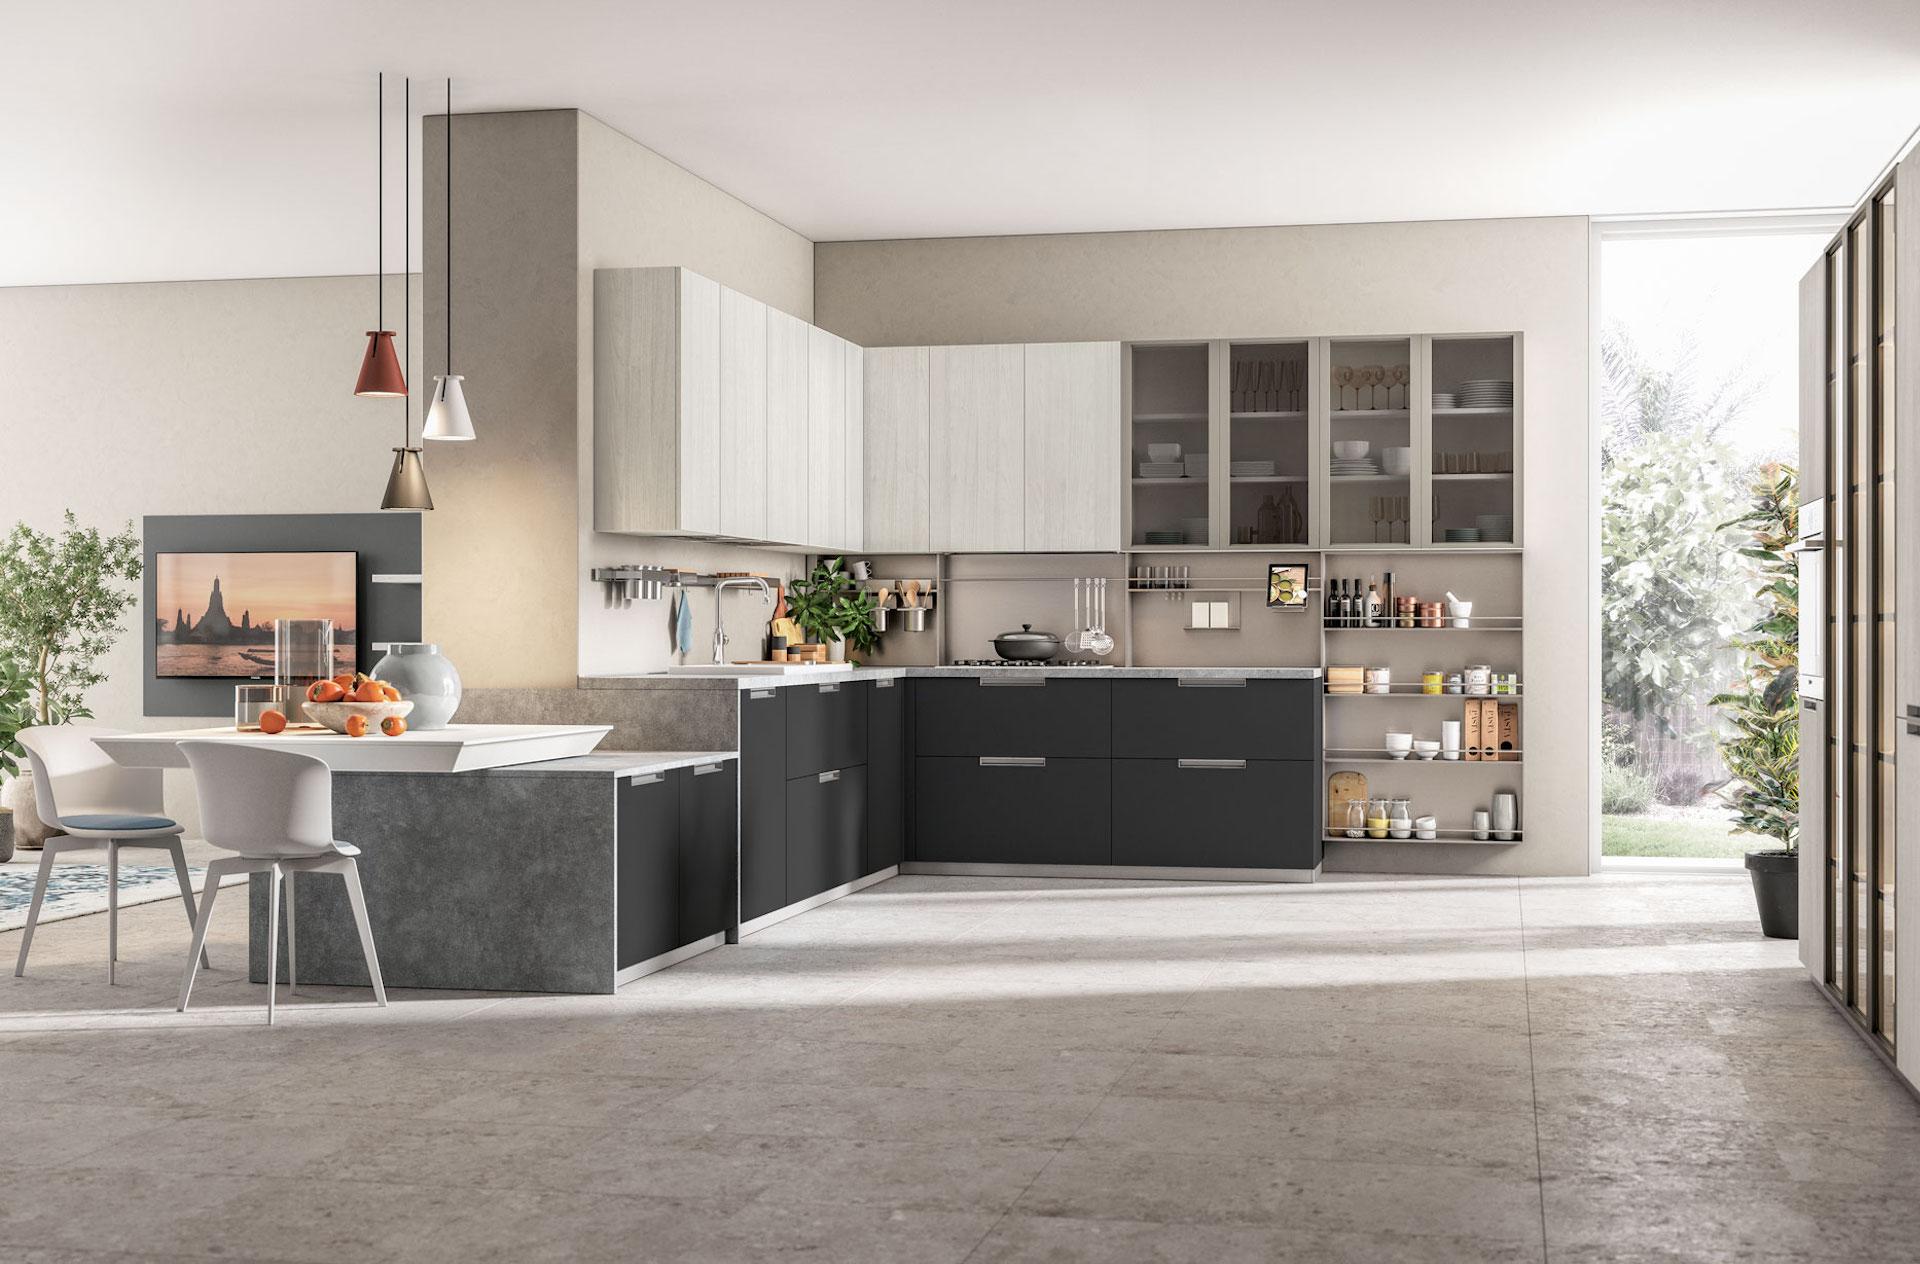 Come Arredare Il Vostro Ambiente Con La Cucina Ad Angolo Lube E Creo Store Lecco Vendita Cucine Lube E Creo